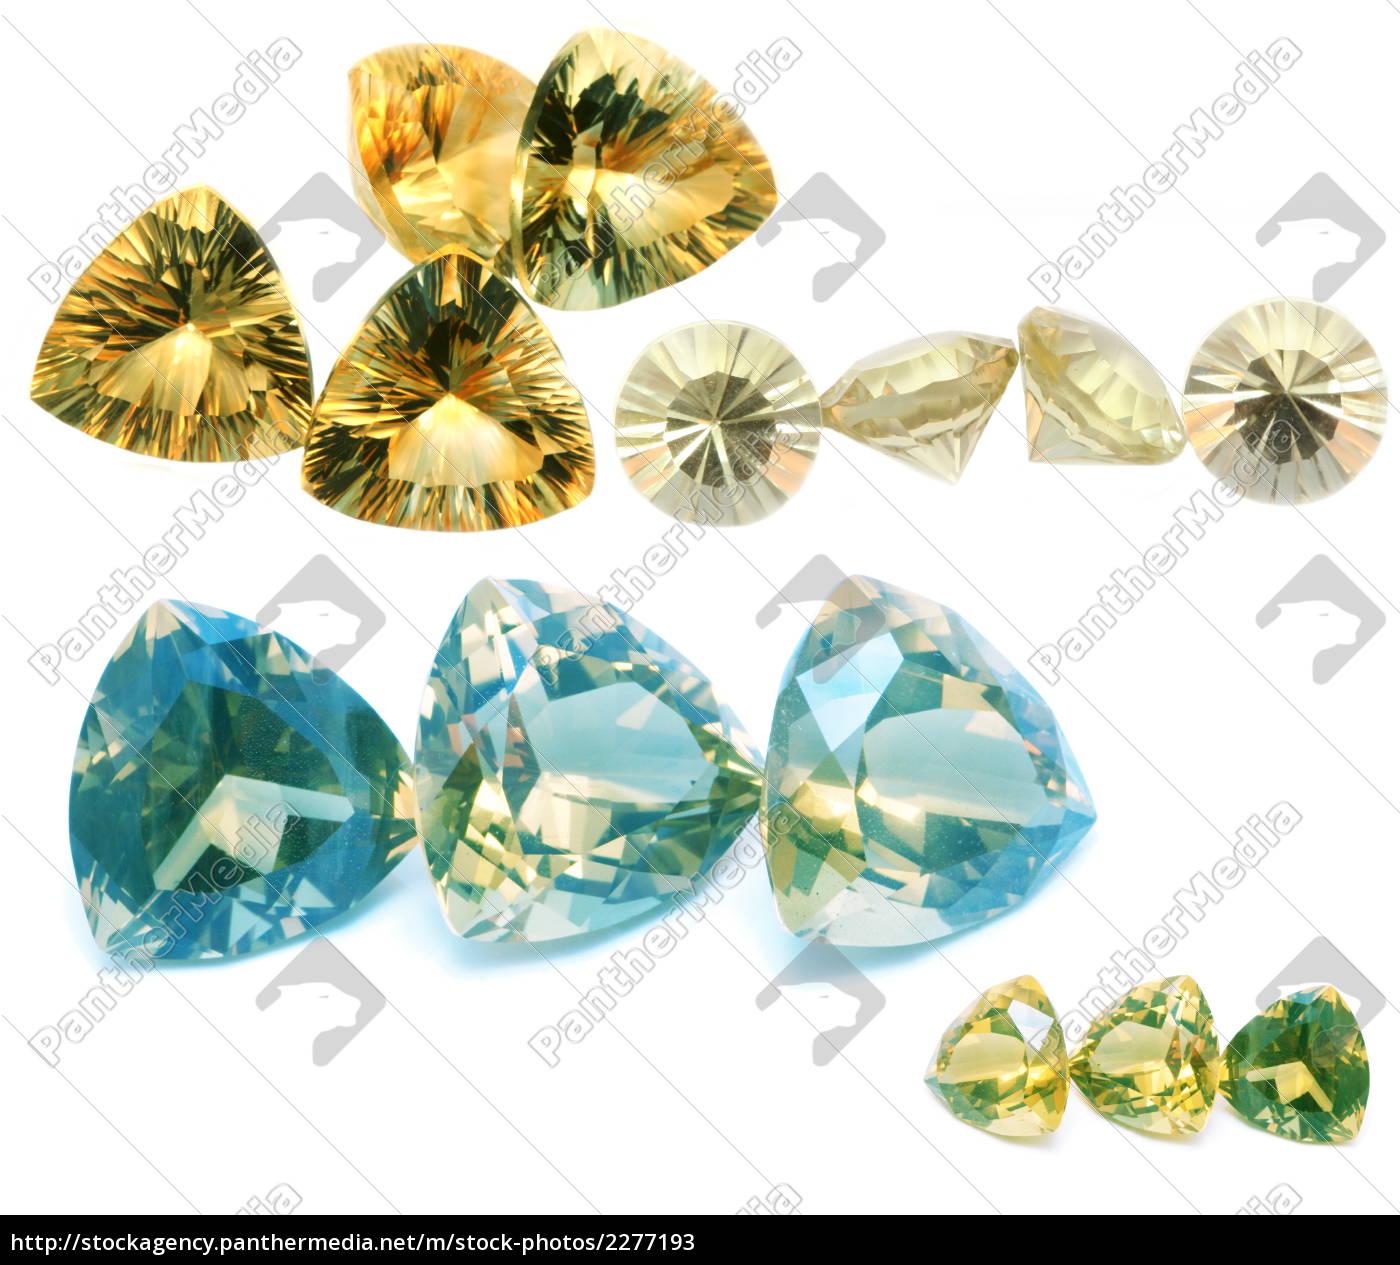 jewels - 2277193